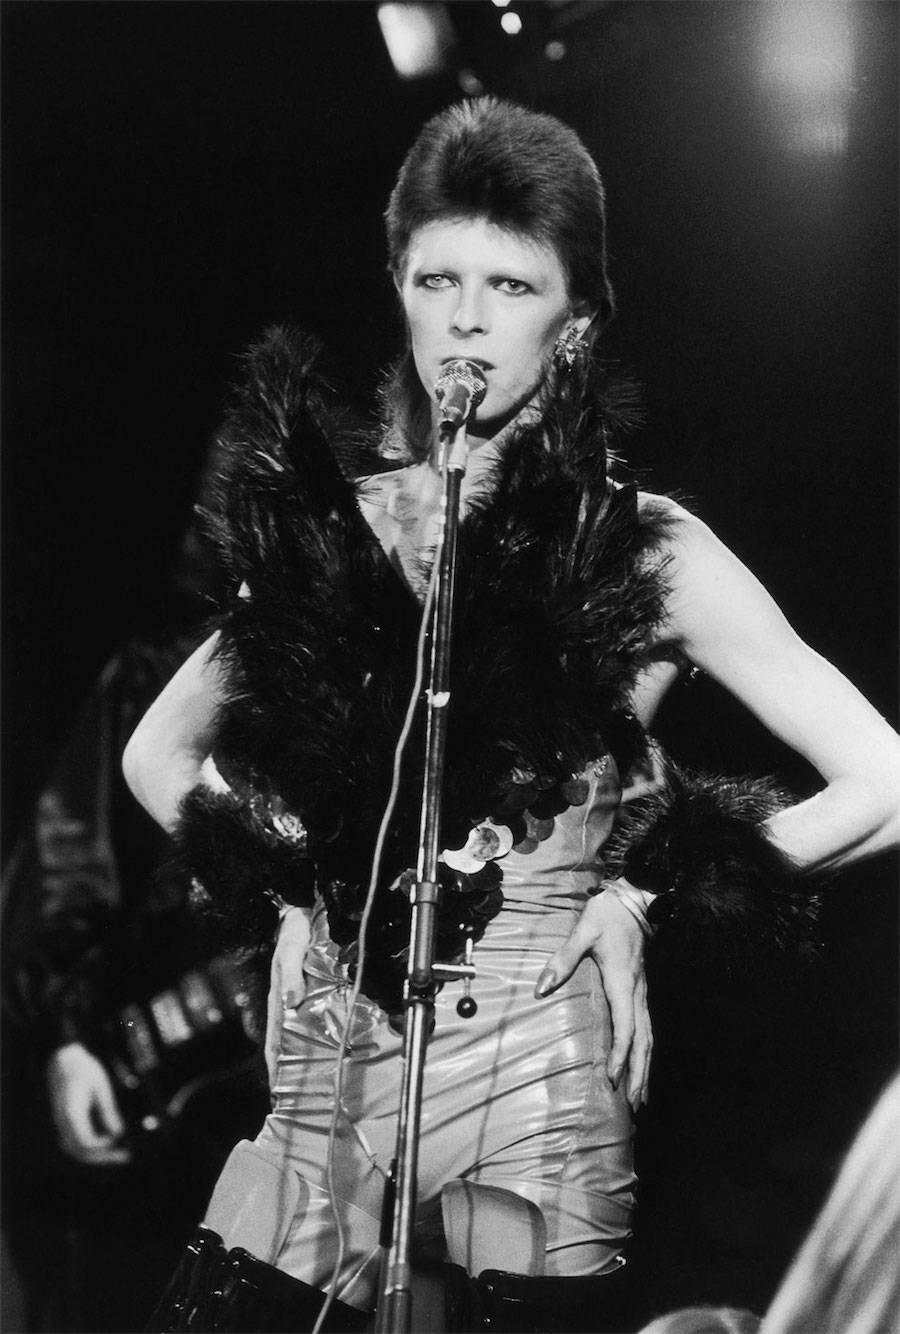 October 20, 1973, sings